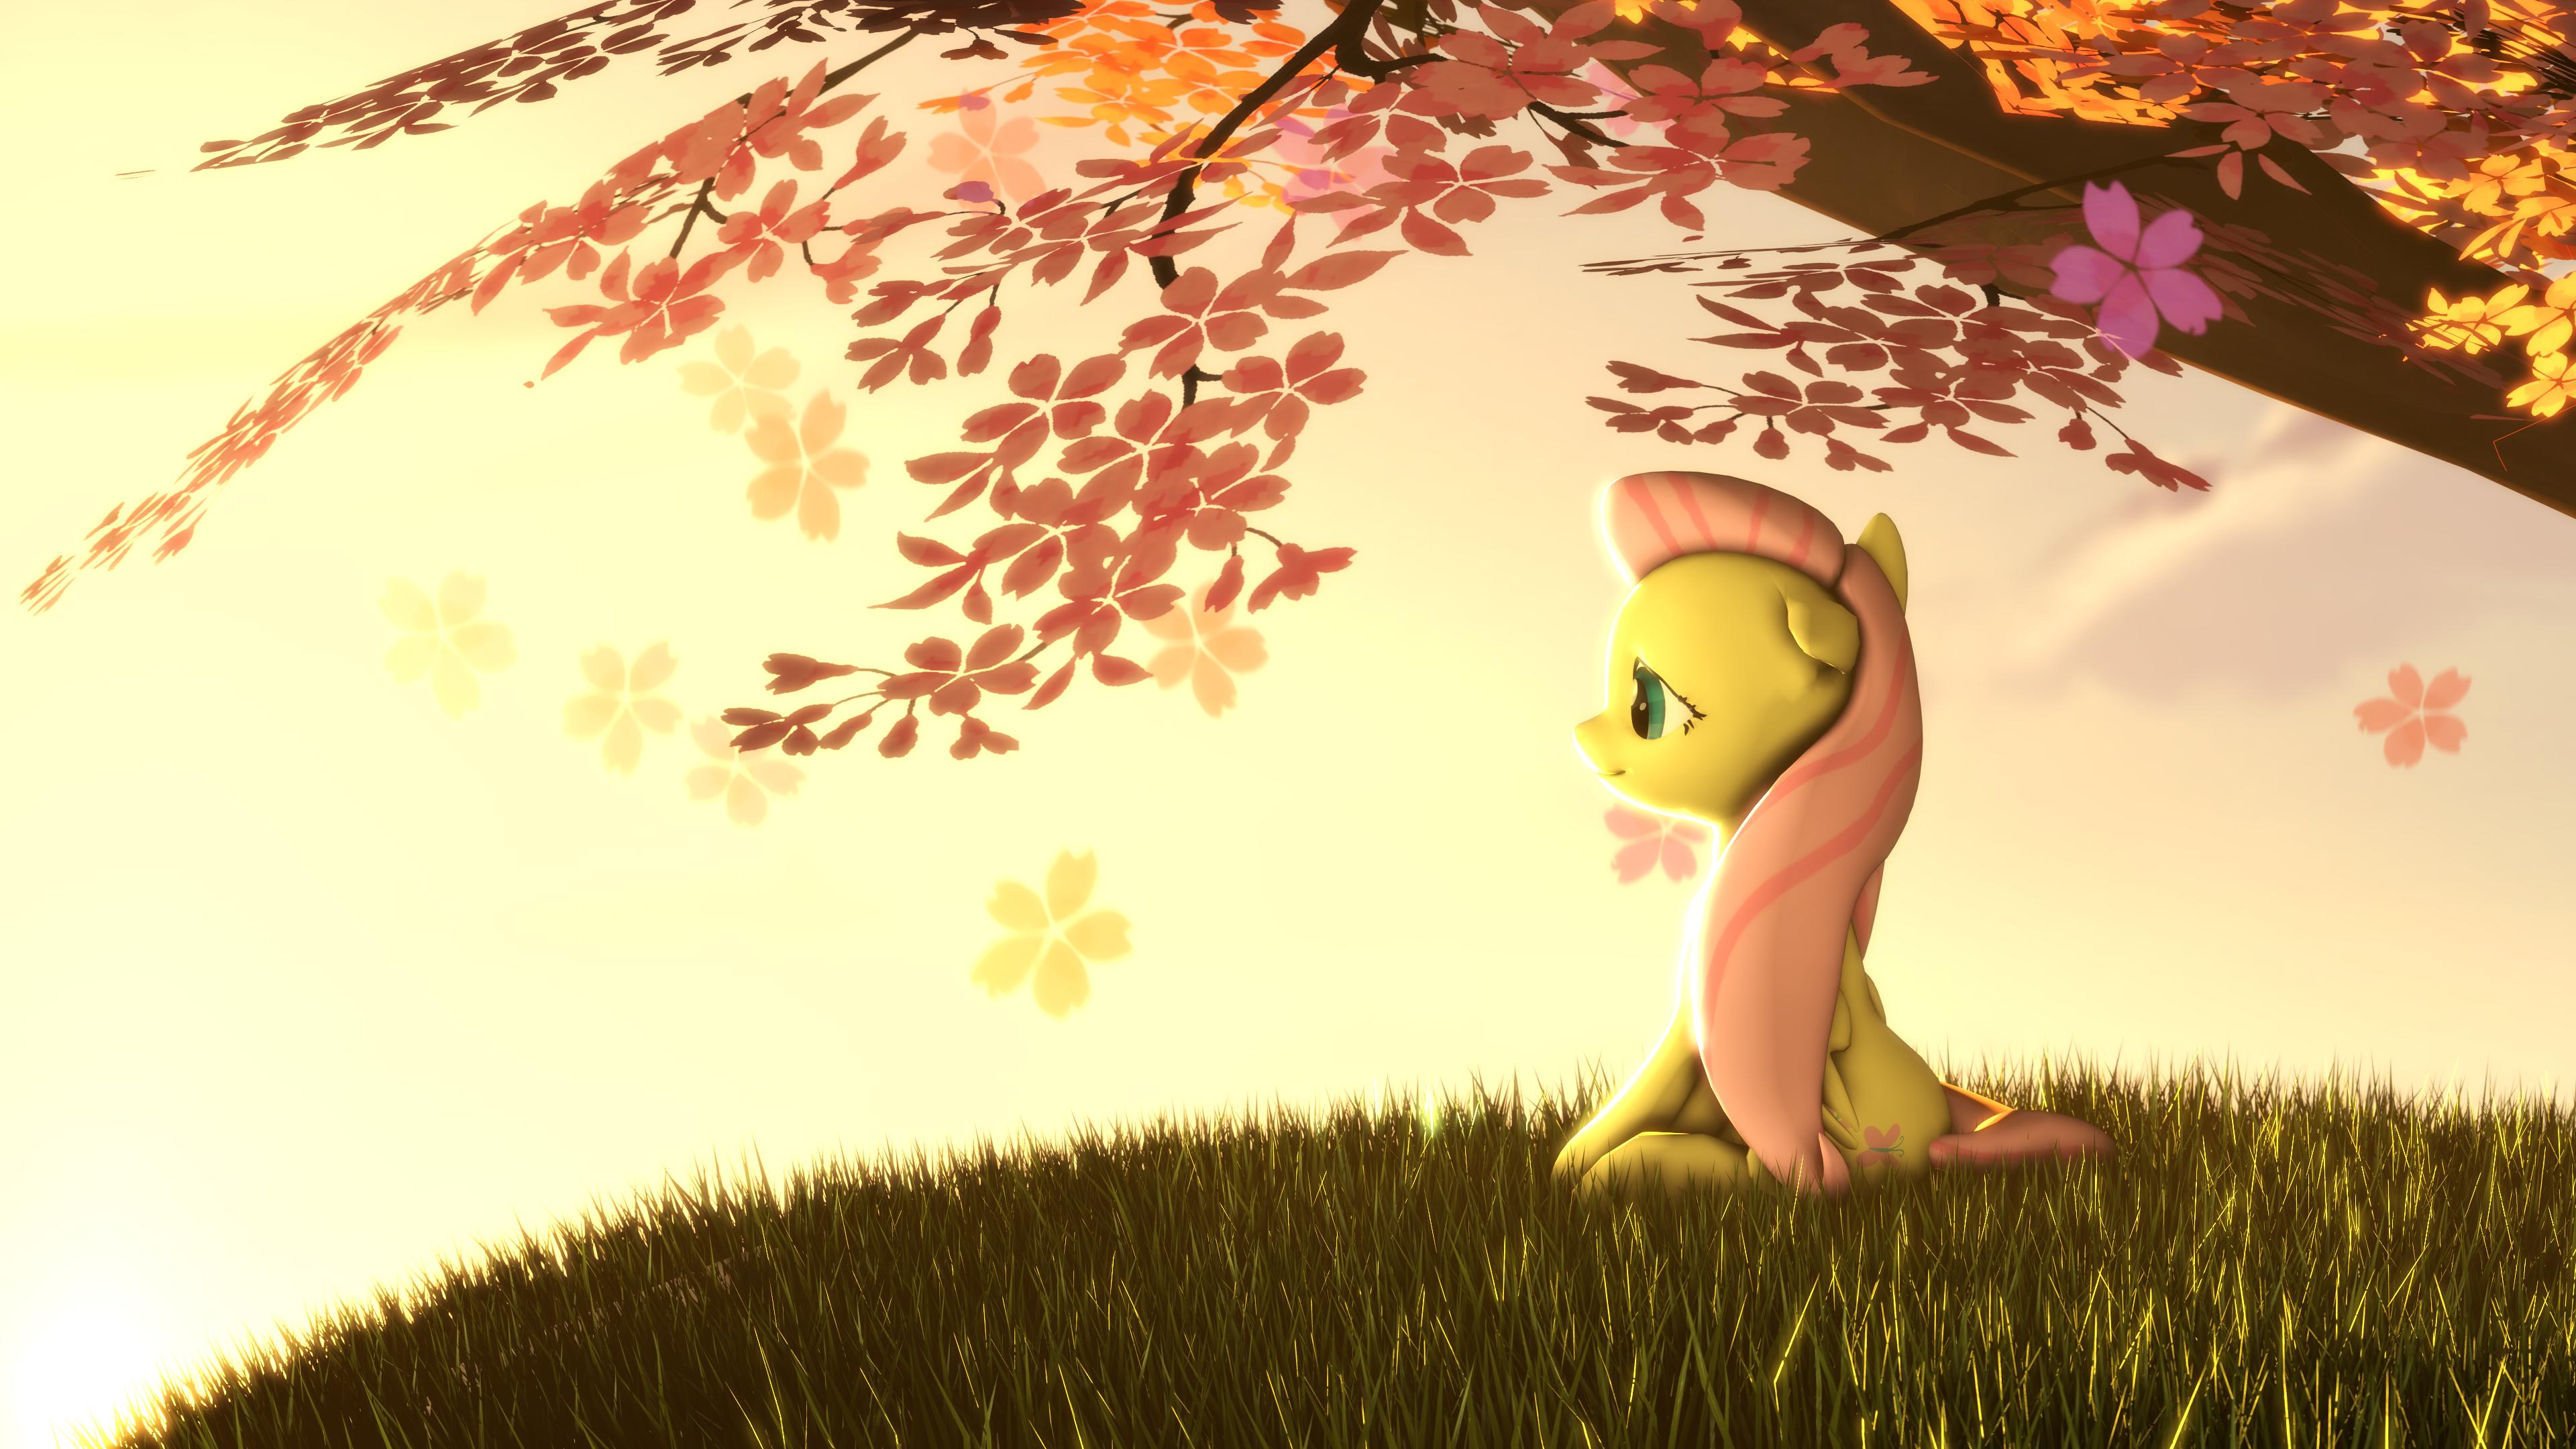 Sakura by PopFizzelz